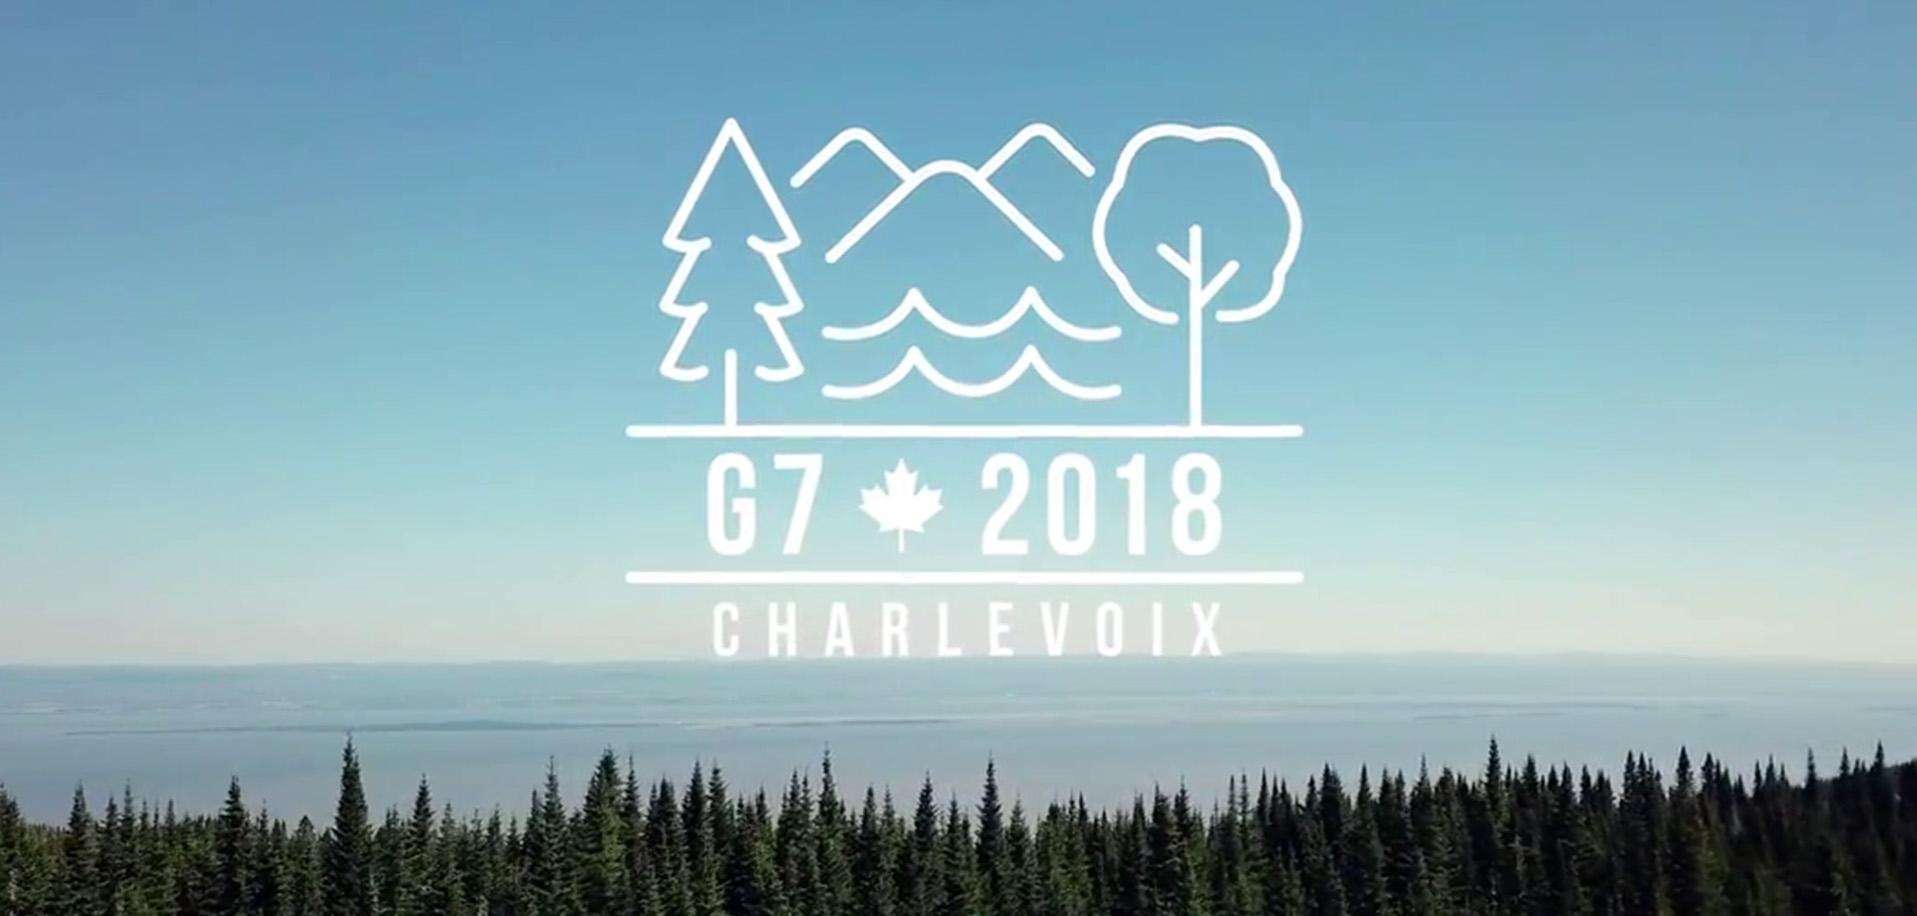 g7-summit-thumbnail.jpg